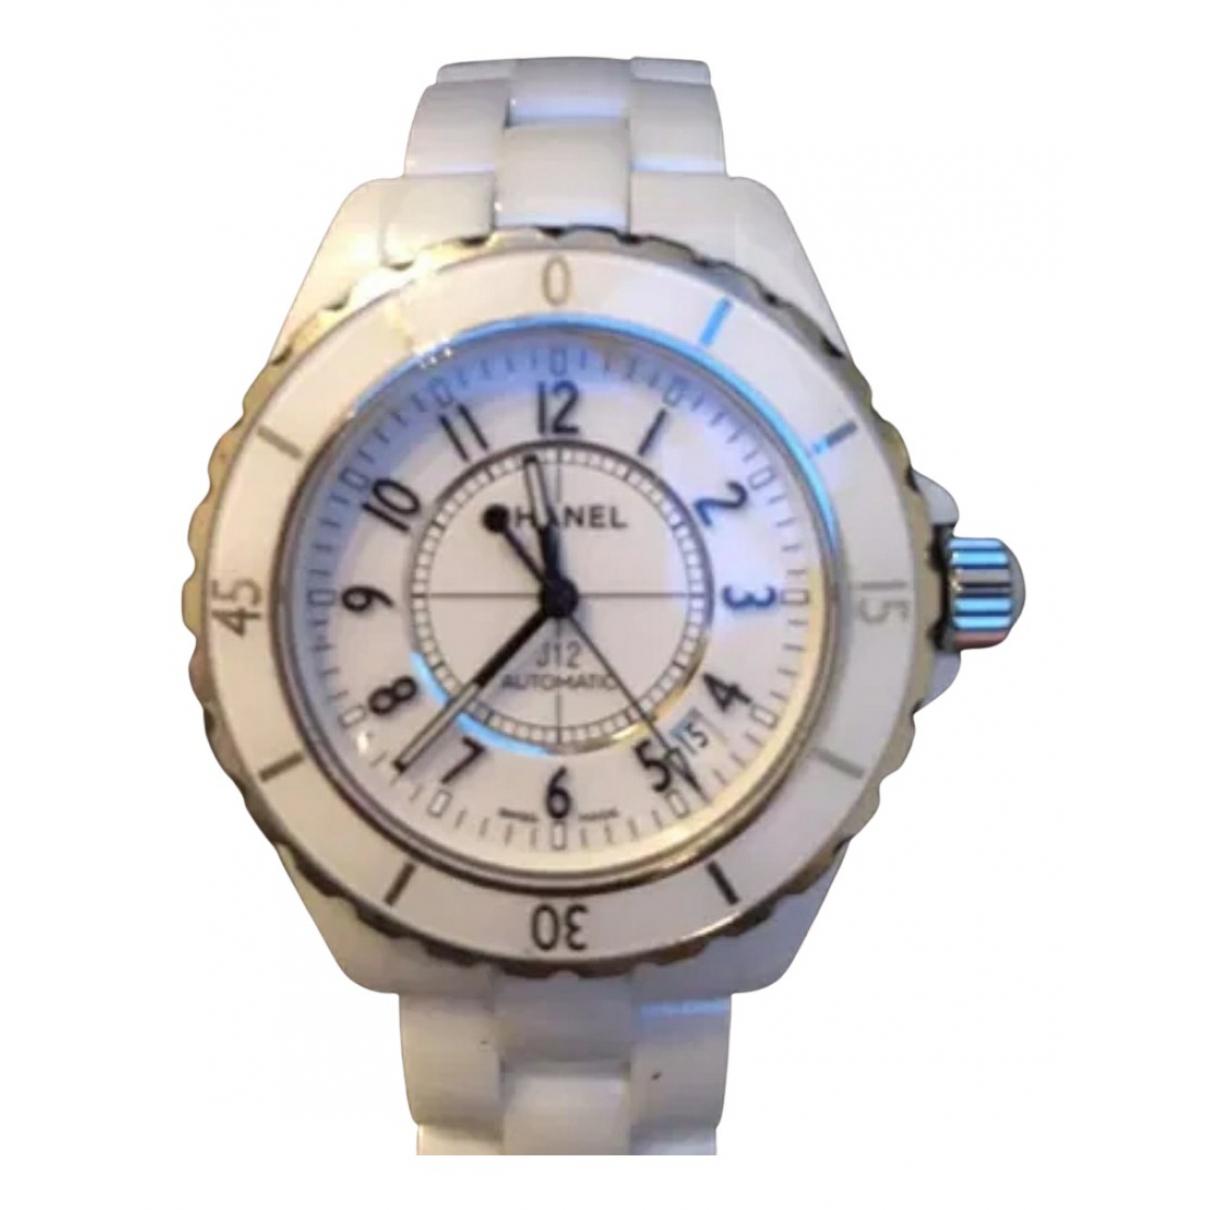 Chanel J12 Automatique Uhr in  Weiss Keramik